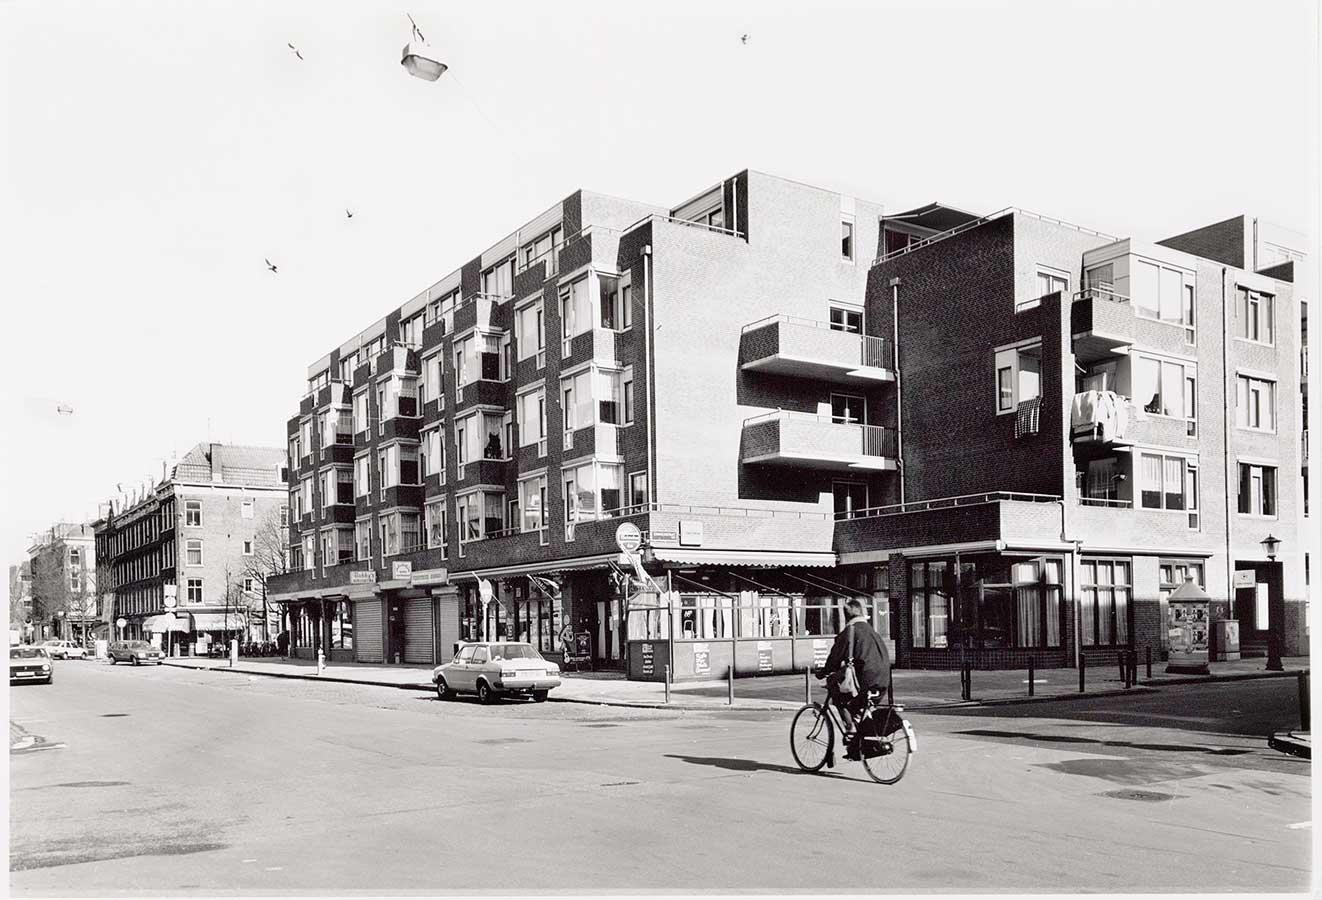 Nieuwbouwpand met in de hoe de Grote Pan. Geen markt op Dapperstraat, wel een eenzame fietser. Hier en daar een geparkeerde auto.